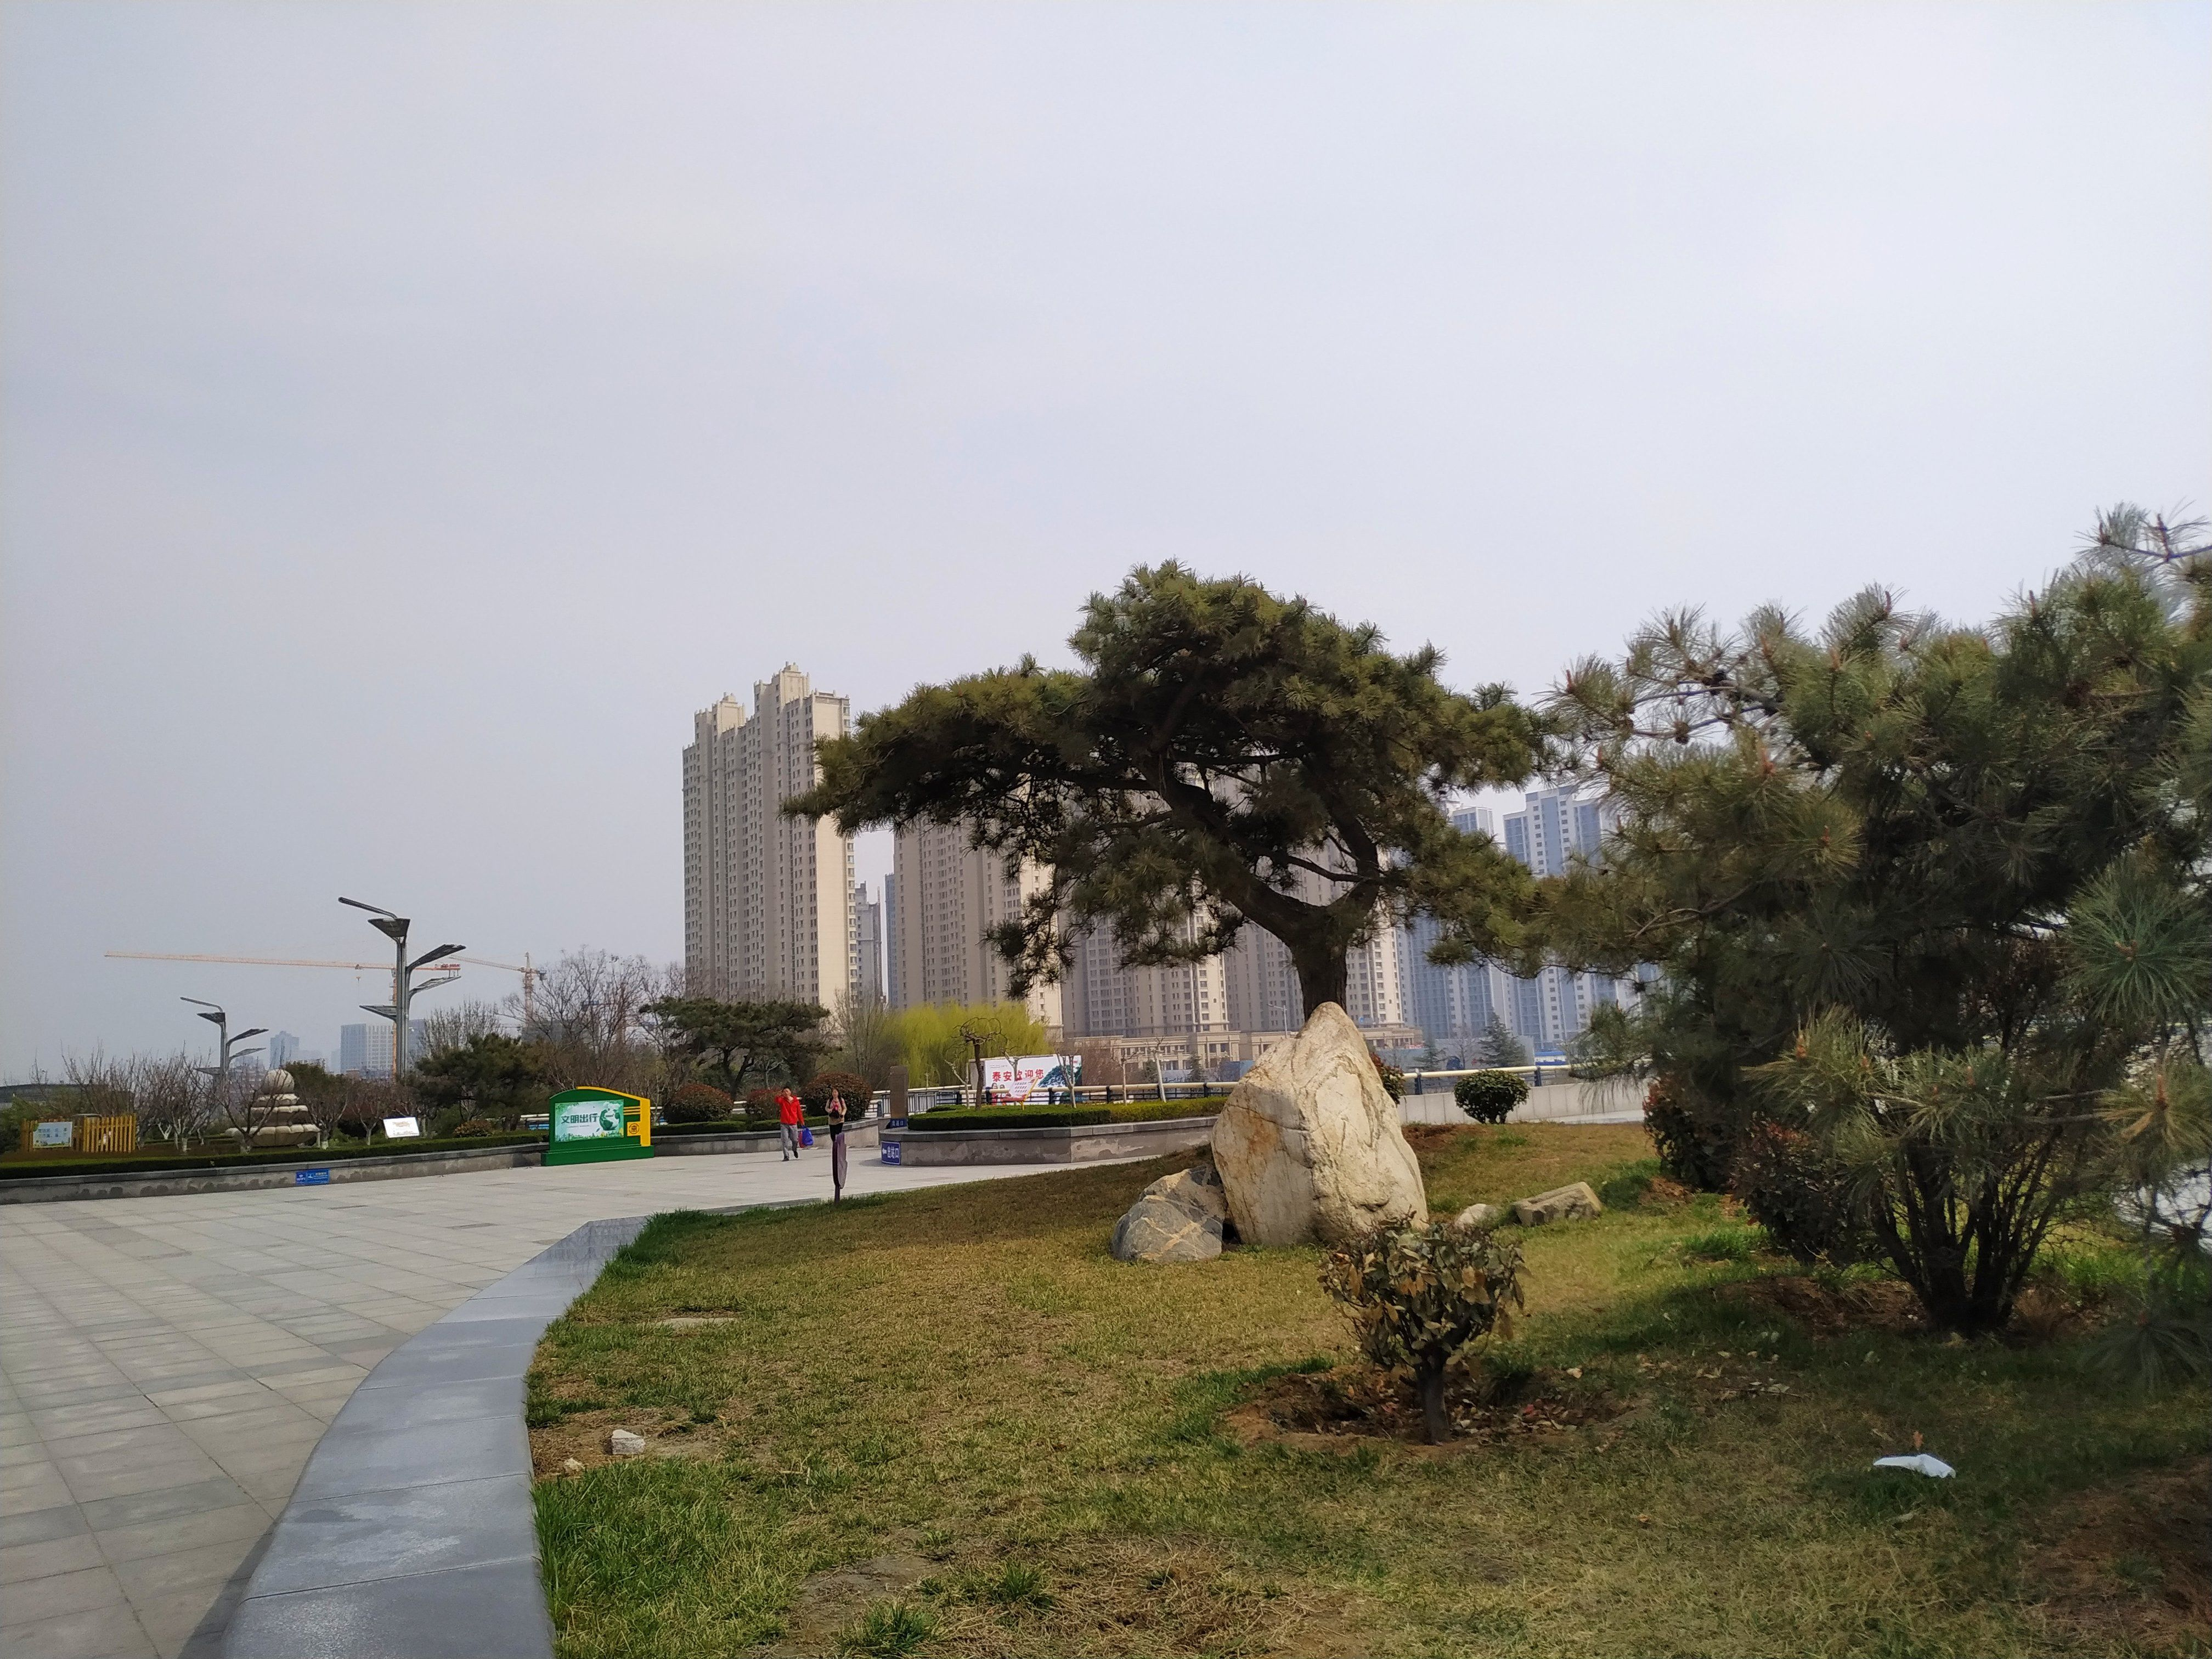 上海楼市:宝山区房价小幅上涨未来还会继续上涨吗?